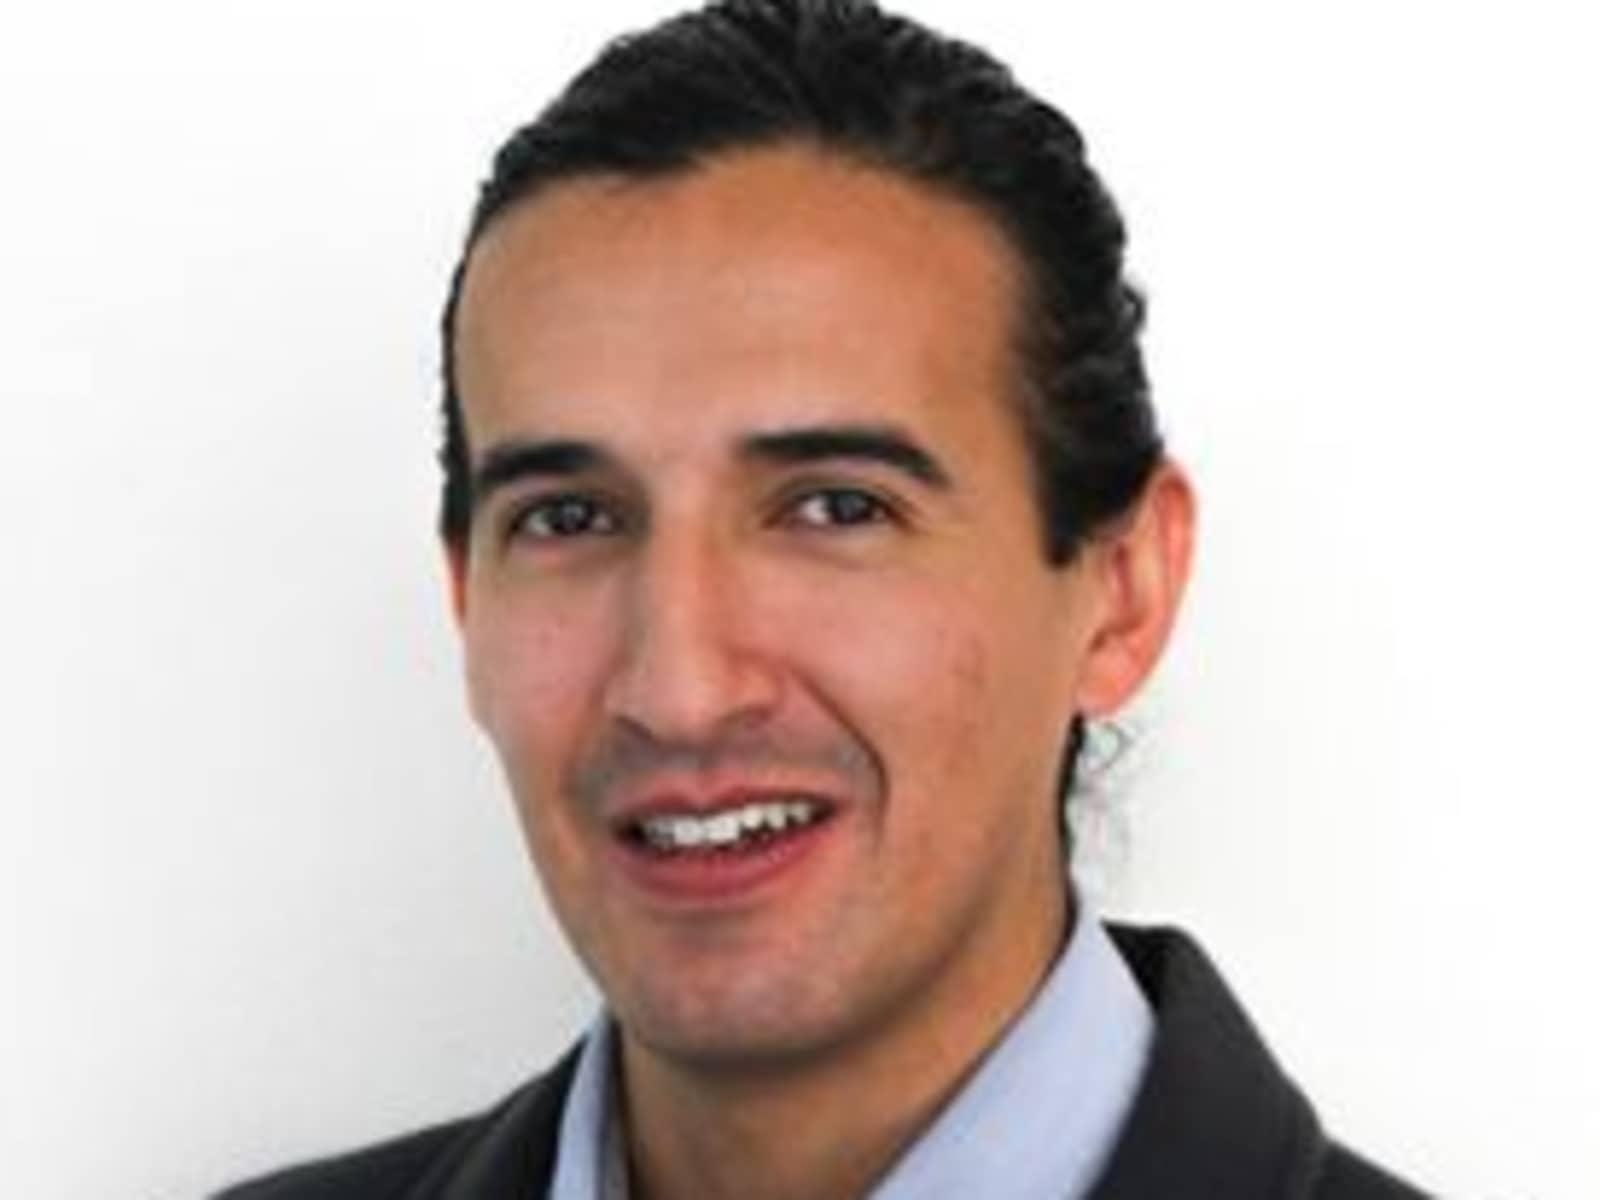 Joel from Puebla, Mexico